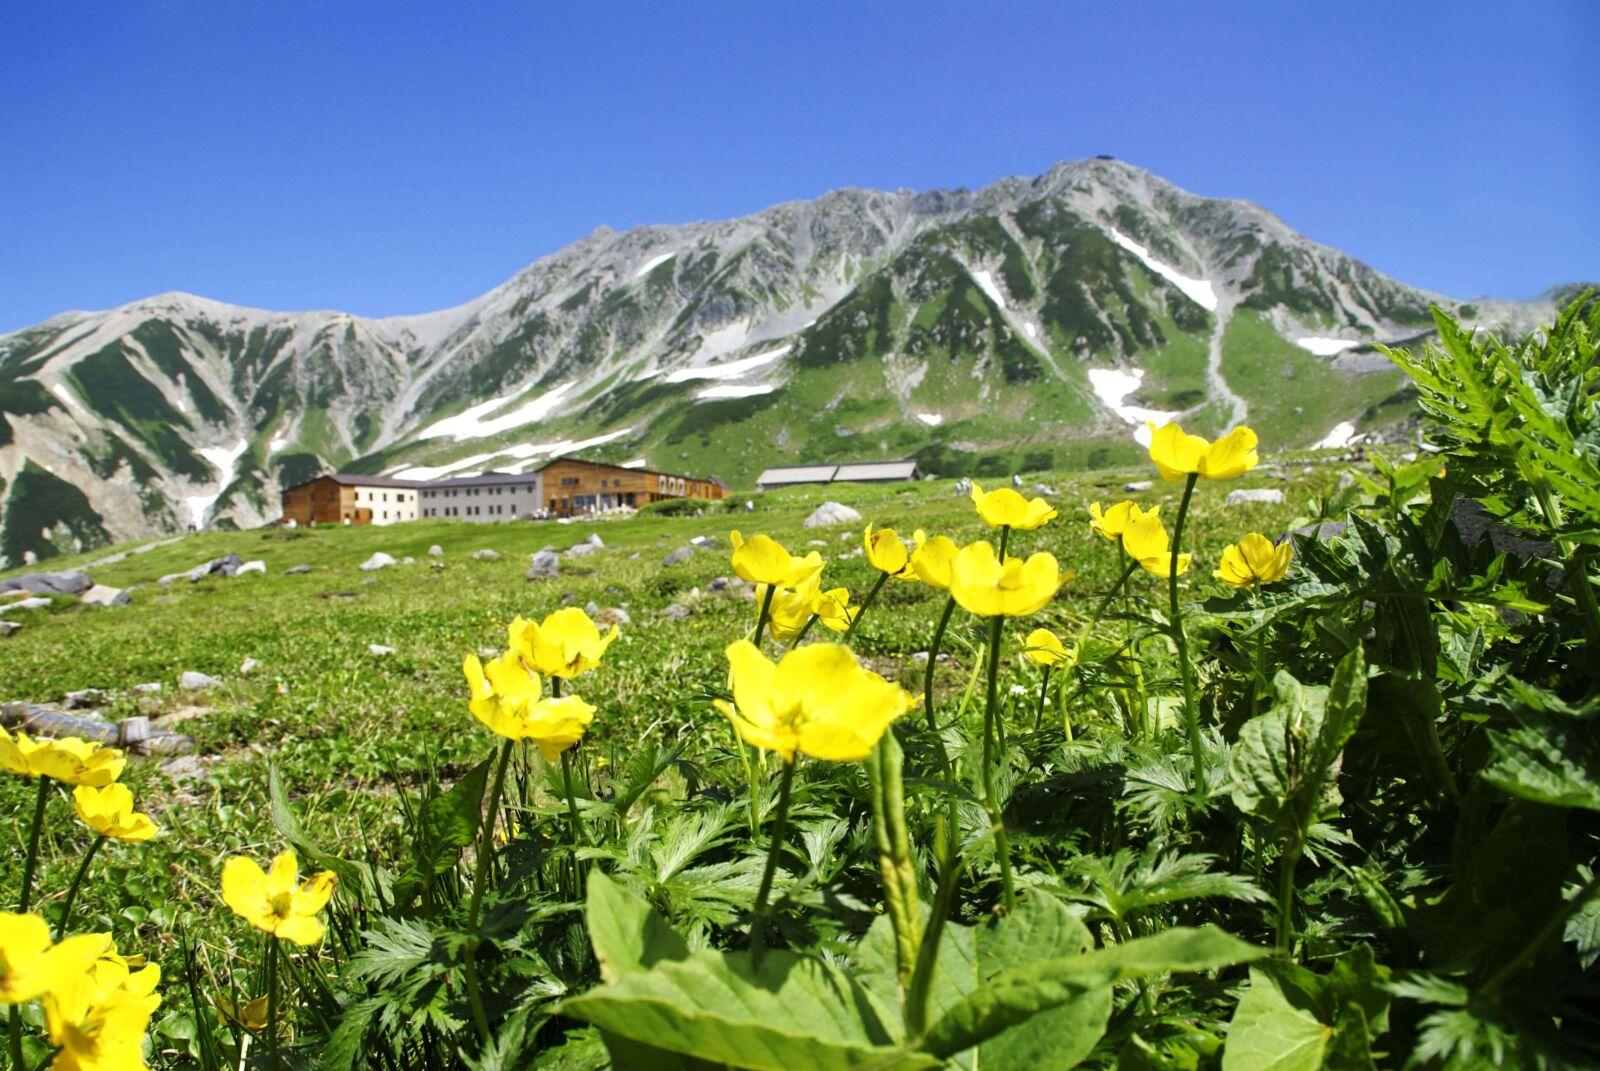 25 Things to Do in & Around the Tateyama-Kurobe Alpine Route